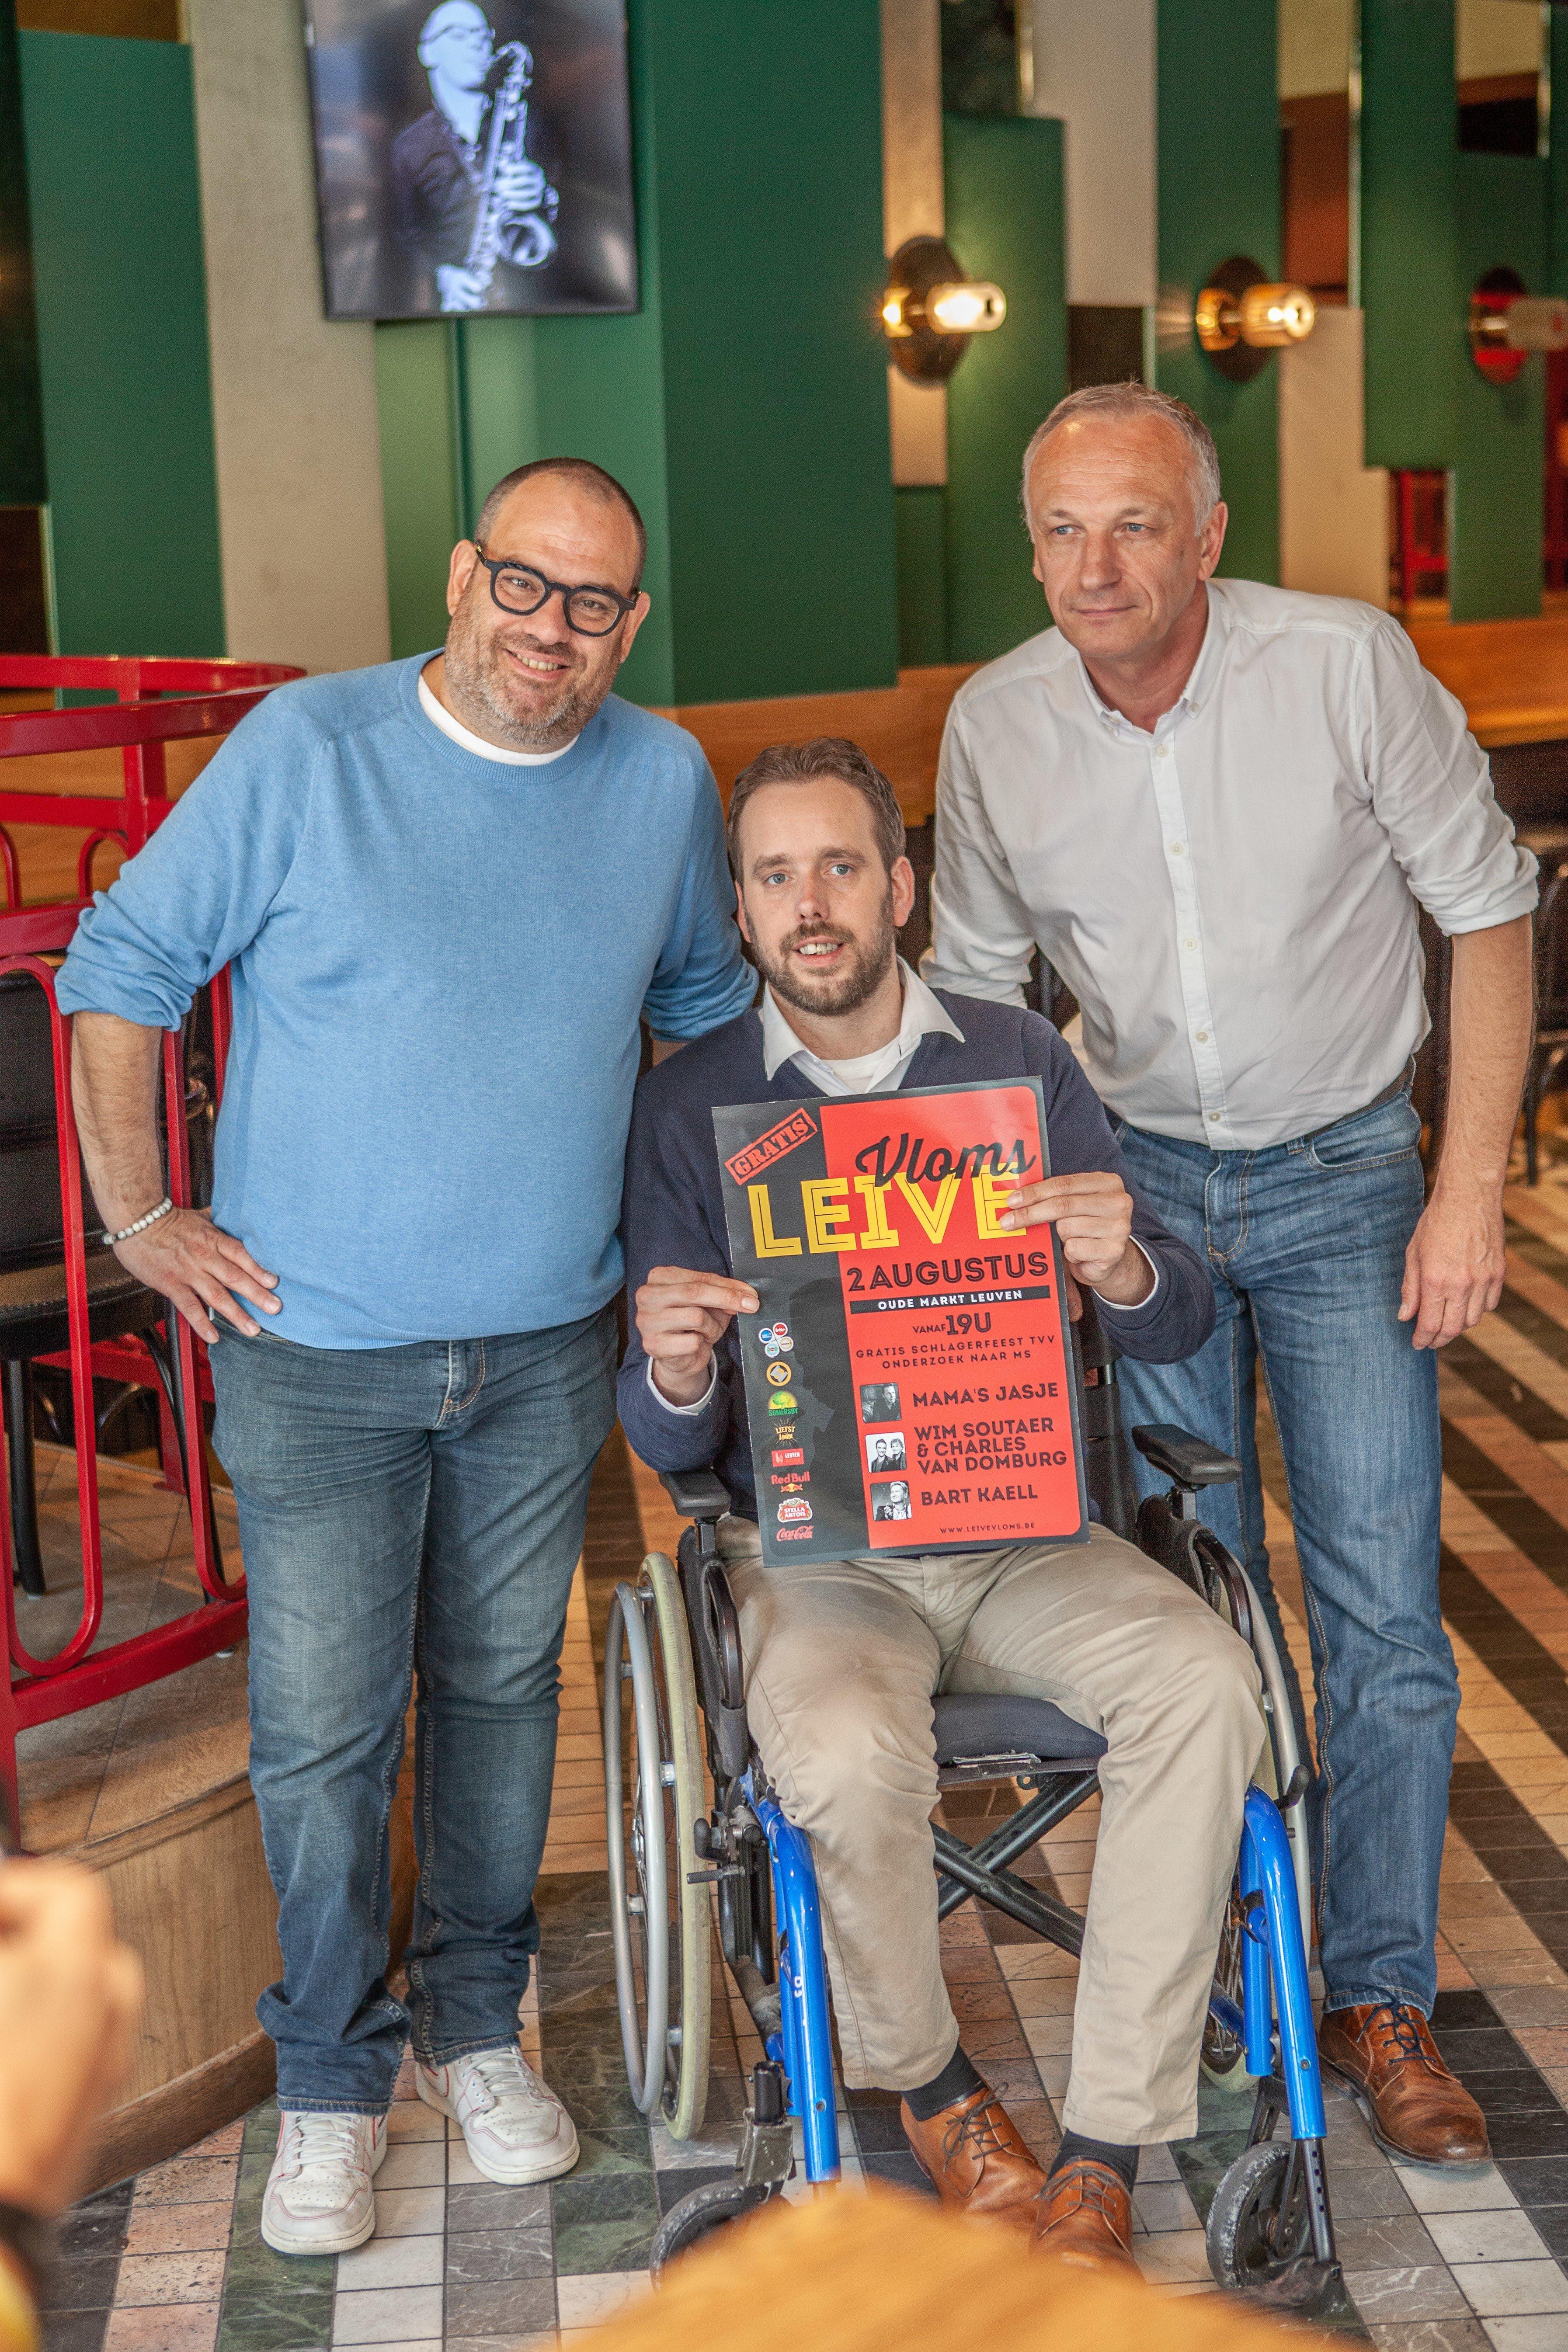 Leive Vloms viert vanavond de verjaardag van Bart Kaëll (59), eert Paul Severs en zamelt. - Leive Vloms 2019